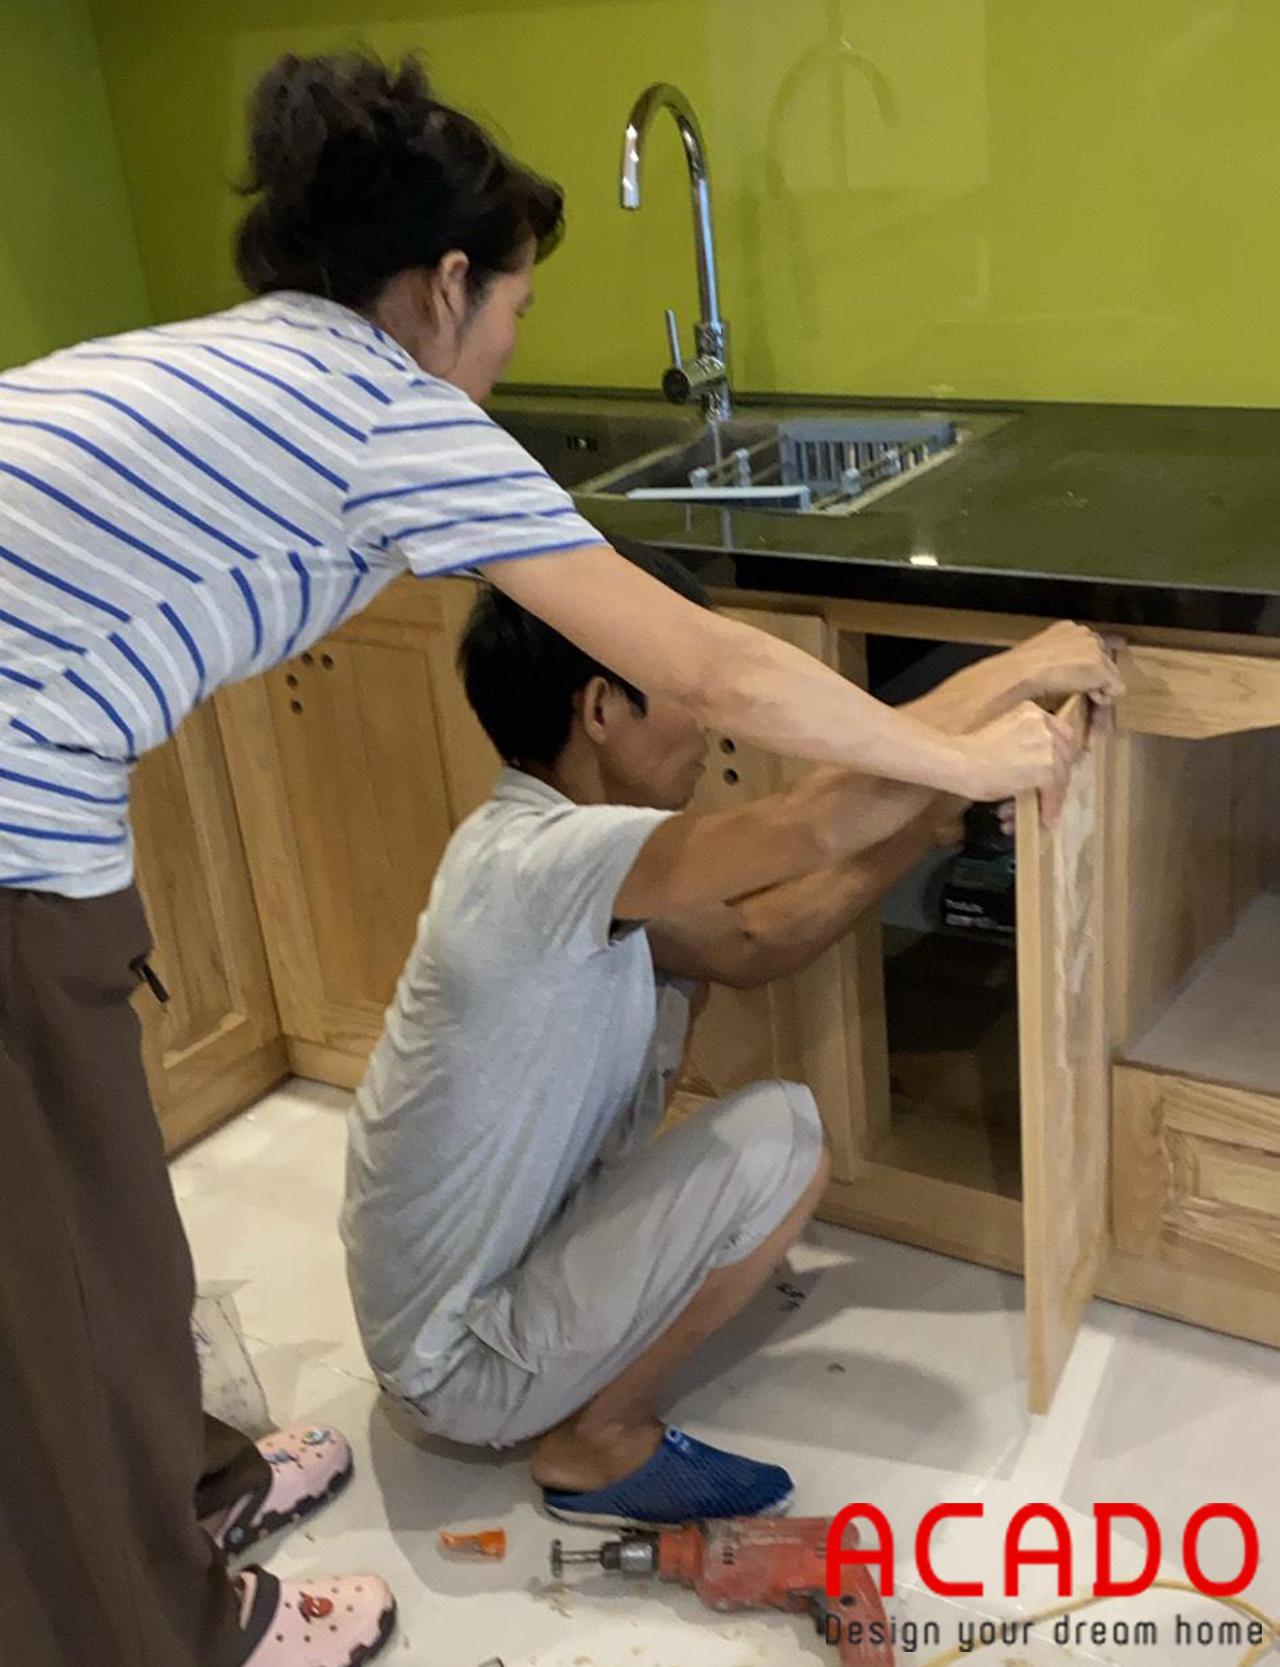 Đội ngũ thợ thi công ACADO đang tiến hành lắp đặt tủ bếp bếp cho khách hàng